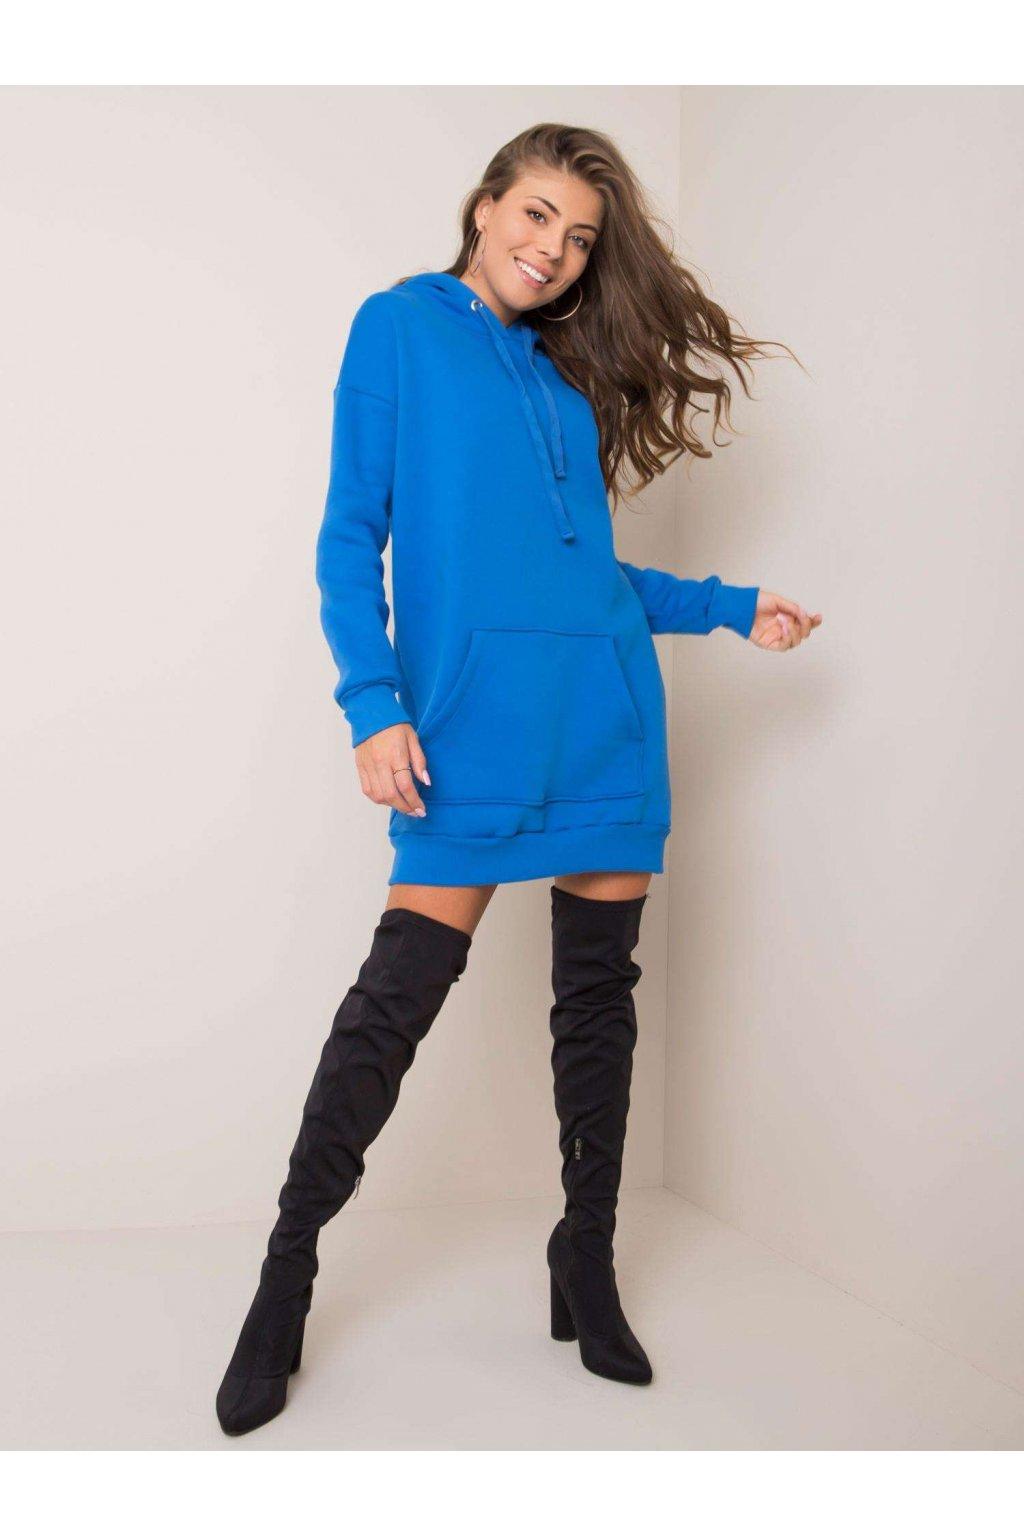 pol pl Ciemnoniebieska sukienka Vittoria RUE PARIS 354695 1 (1)